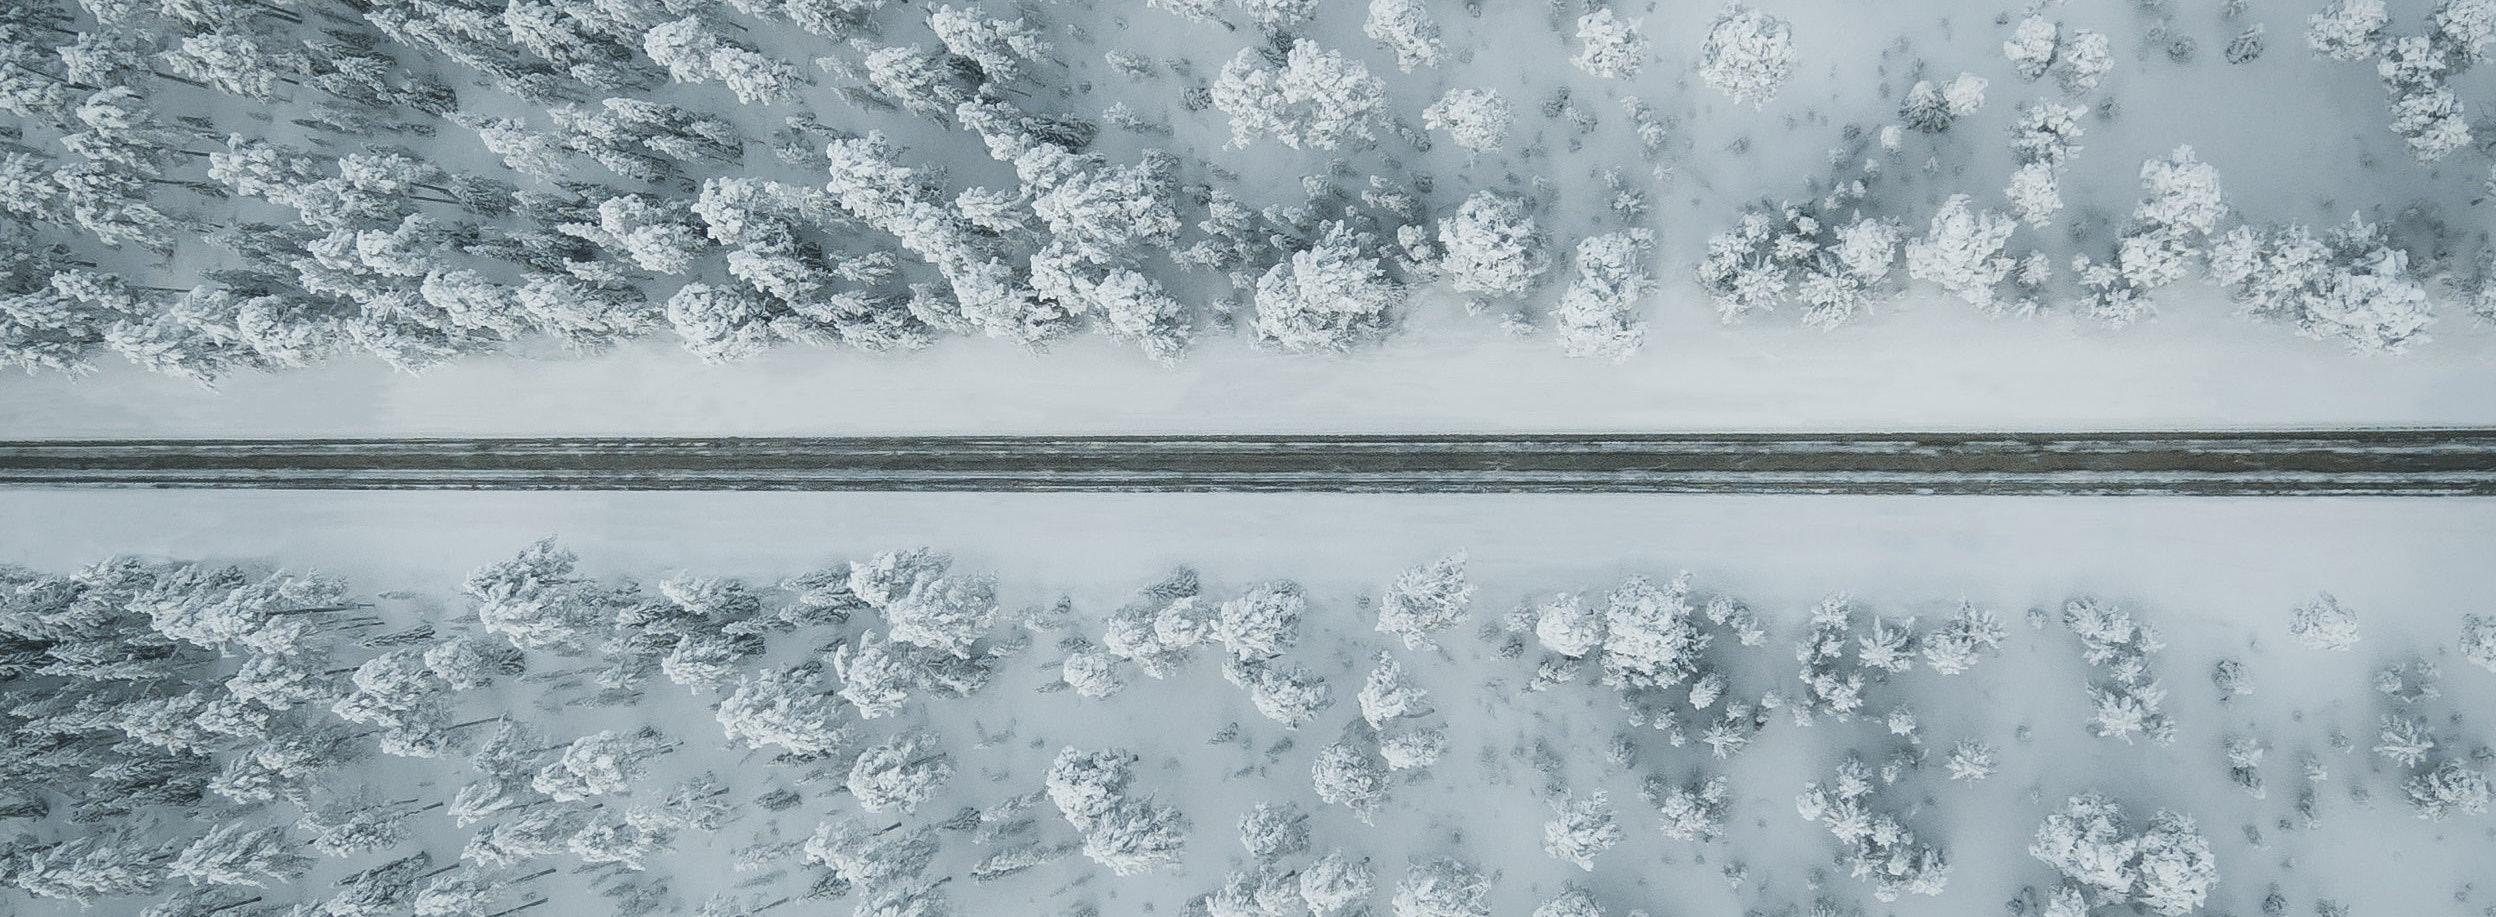 Talvinen maisema ylhäältäpäin kuvattuna, jossa keskellä tie ja ympärillä lumista metsää